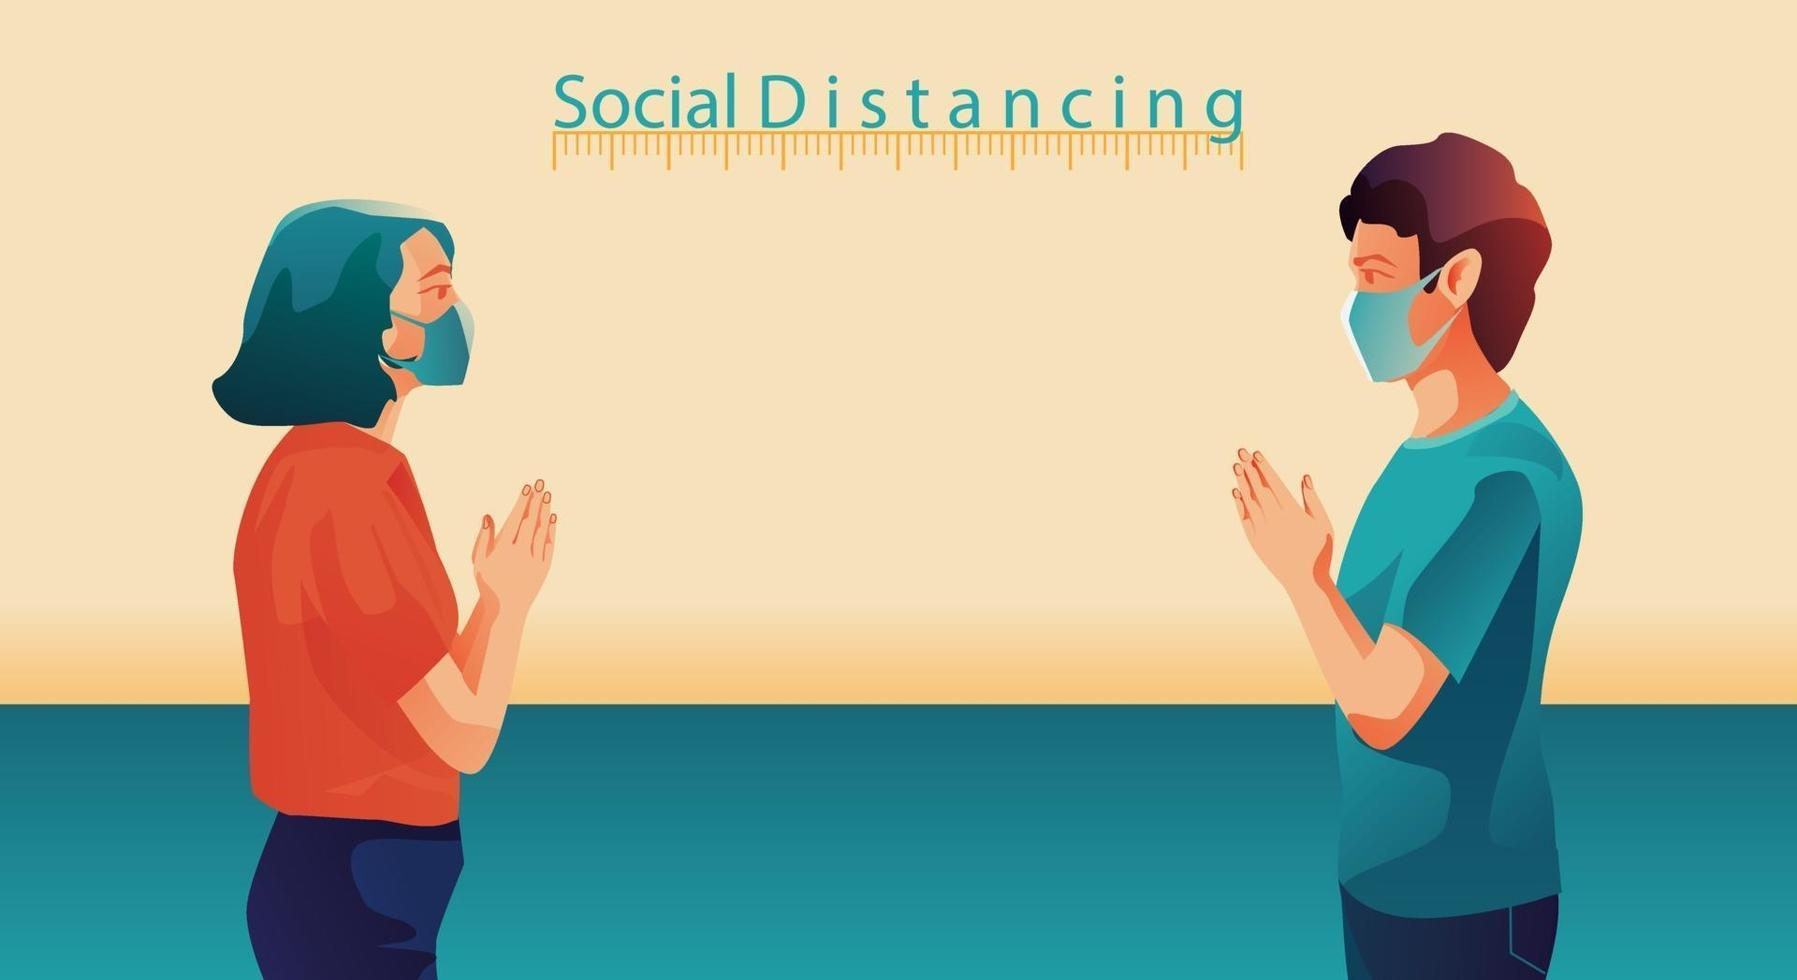 distanciation sociale, les gens gardent leurs distances et évitent le contact physique, la poignée de main ou le toucher de la main pour se protéger du concept de propagation du coronavirus covid-19, les gens utilisent la salutation thaïlandaise de sawasdee vecteur